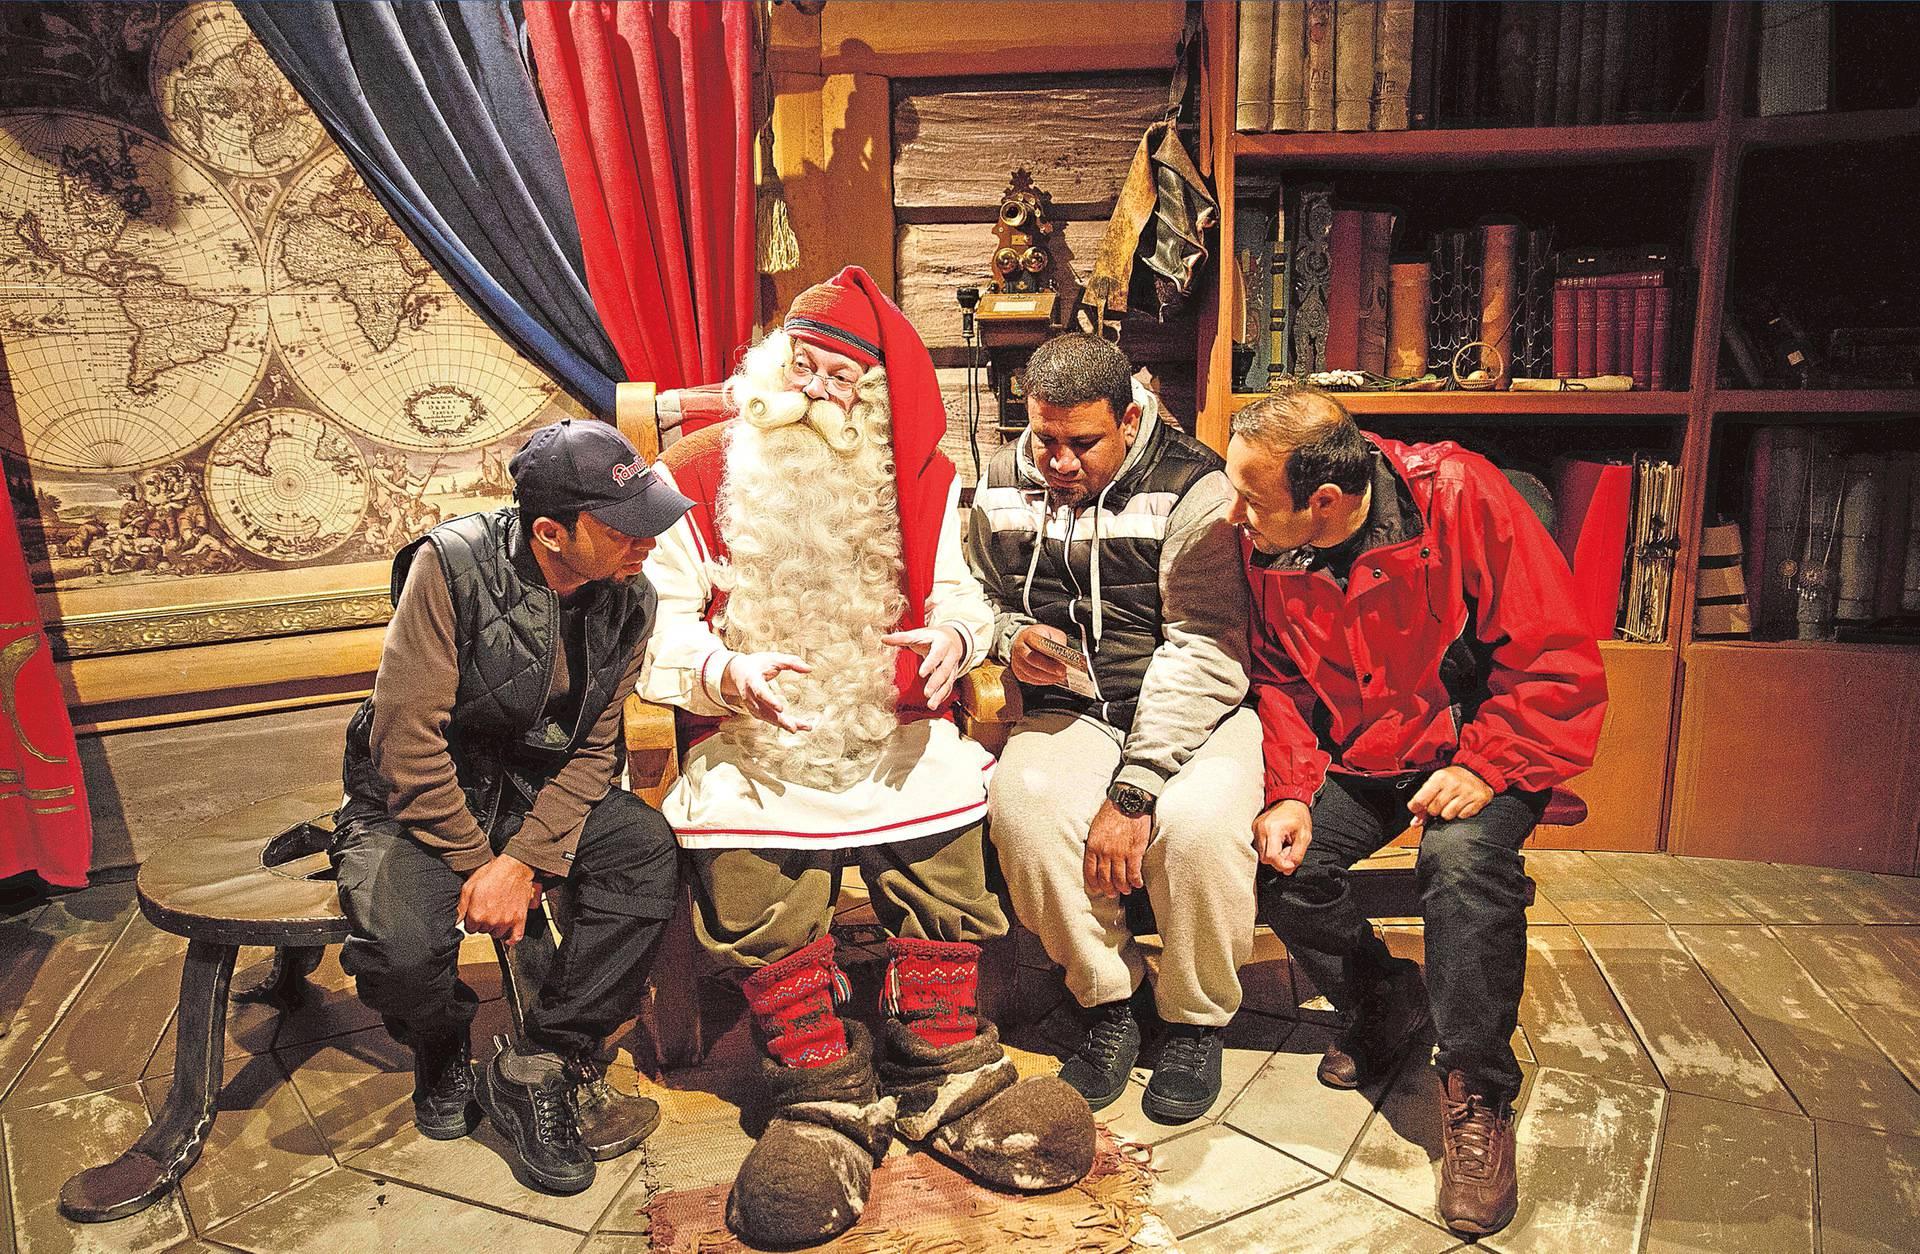 Joulupukki otti vastaan kolme irakilaista turvapaikanhakijaa: Duririn, Omarin ja Alin.